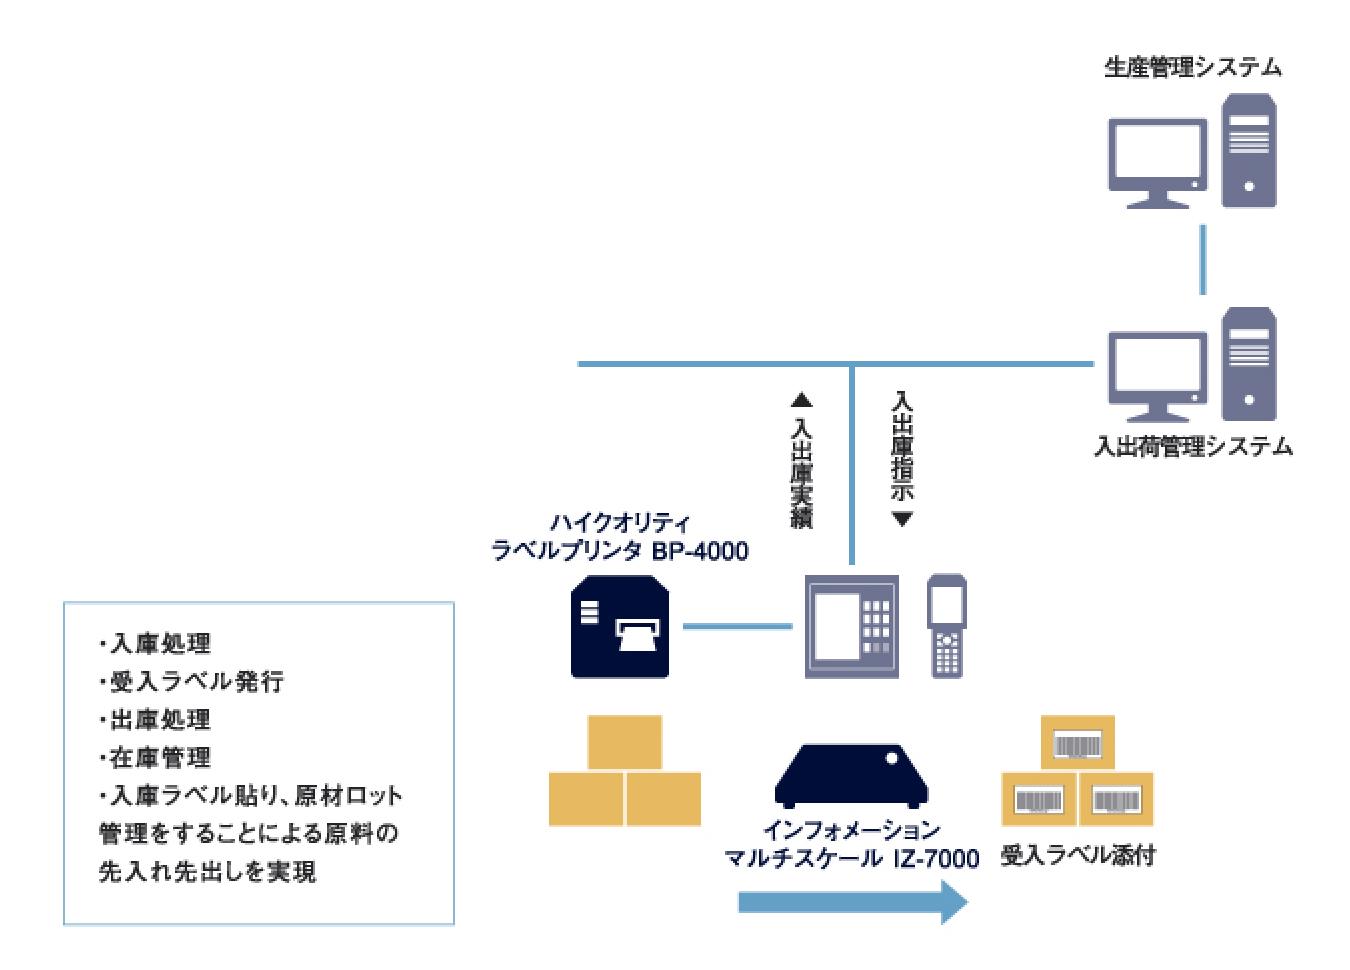 生産管理システム - 入出荷管理システム -入庫処理,受入ラベル発行,出庫処理,在庫管理,入庫ラベル貼り、原材ロット管理をすることによる原料の先入れ先出しを実現